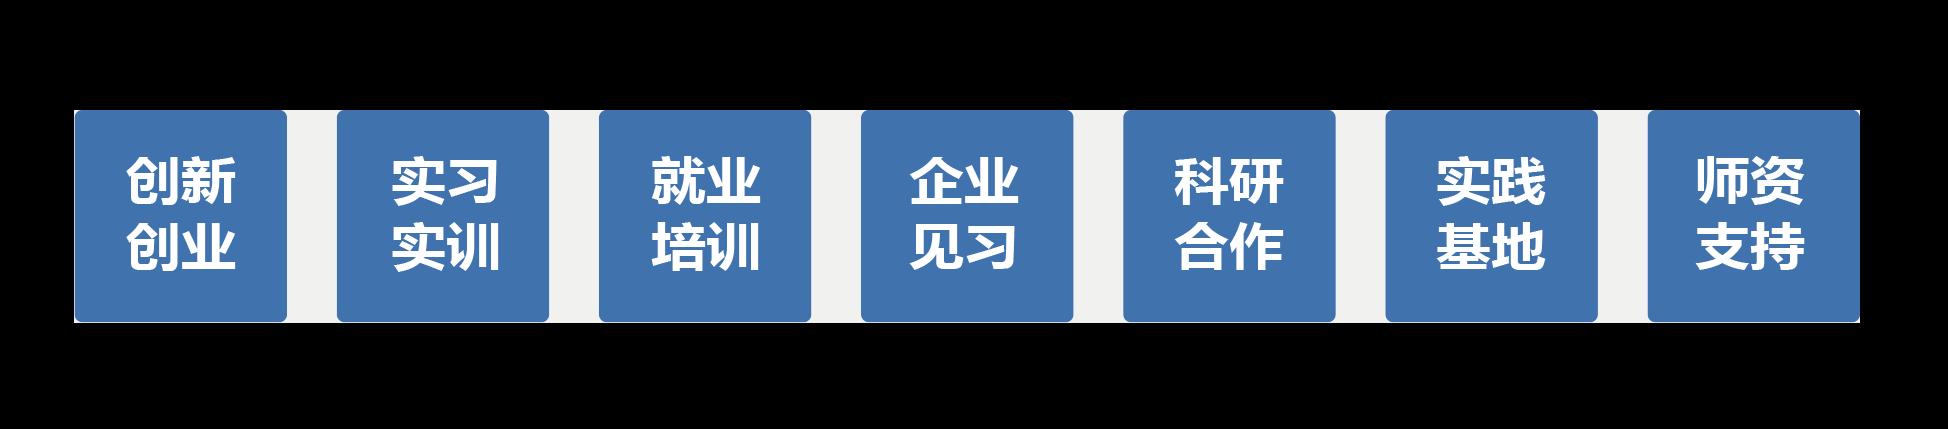 数据科学实验室解决方案(本科)- 2019-15.png